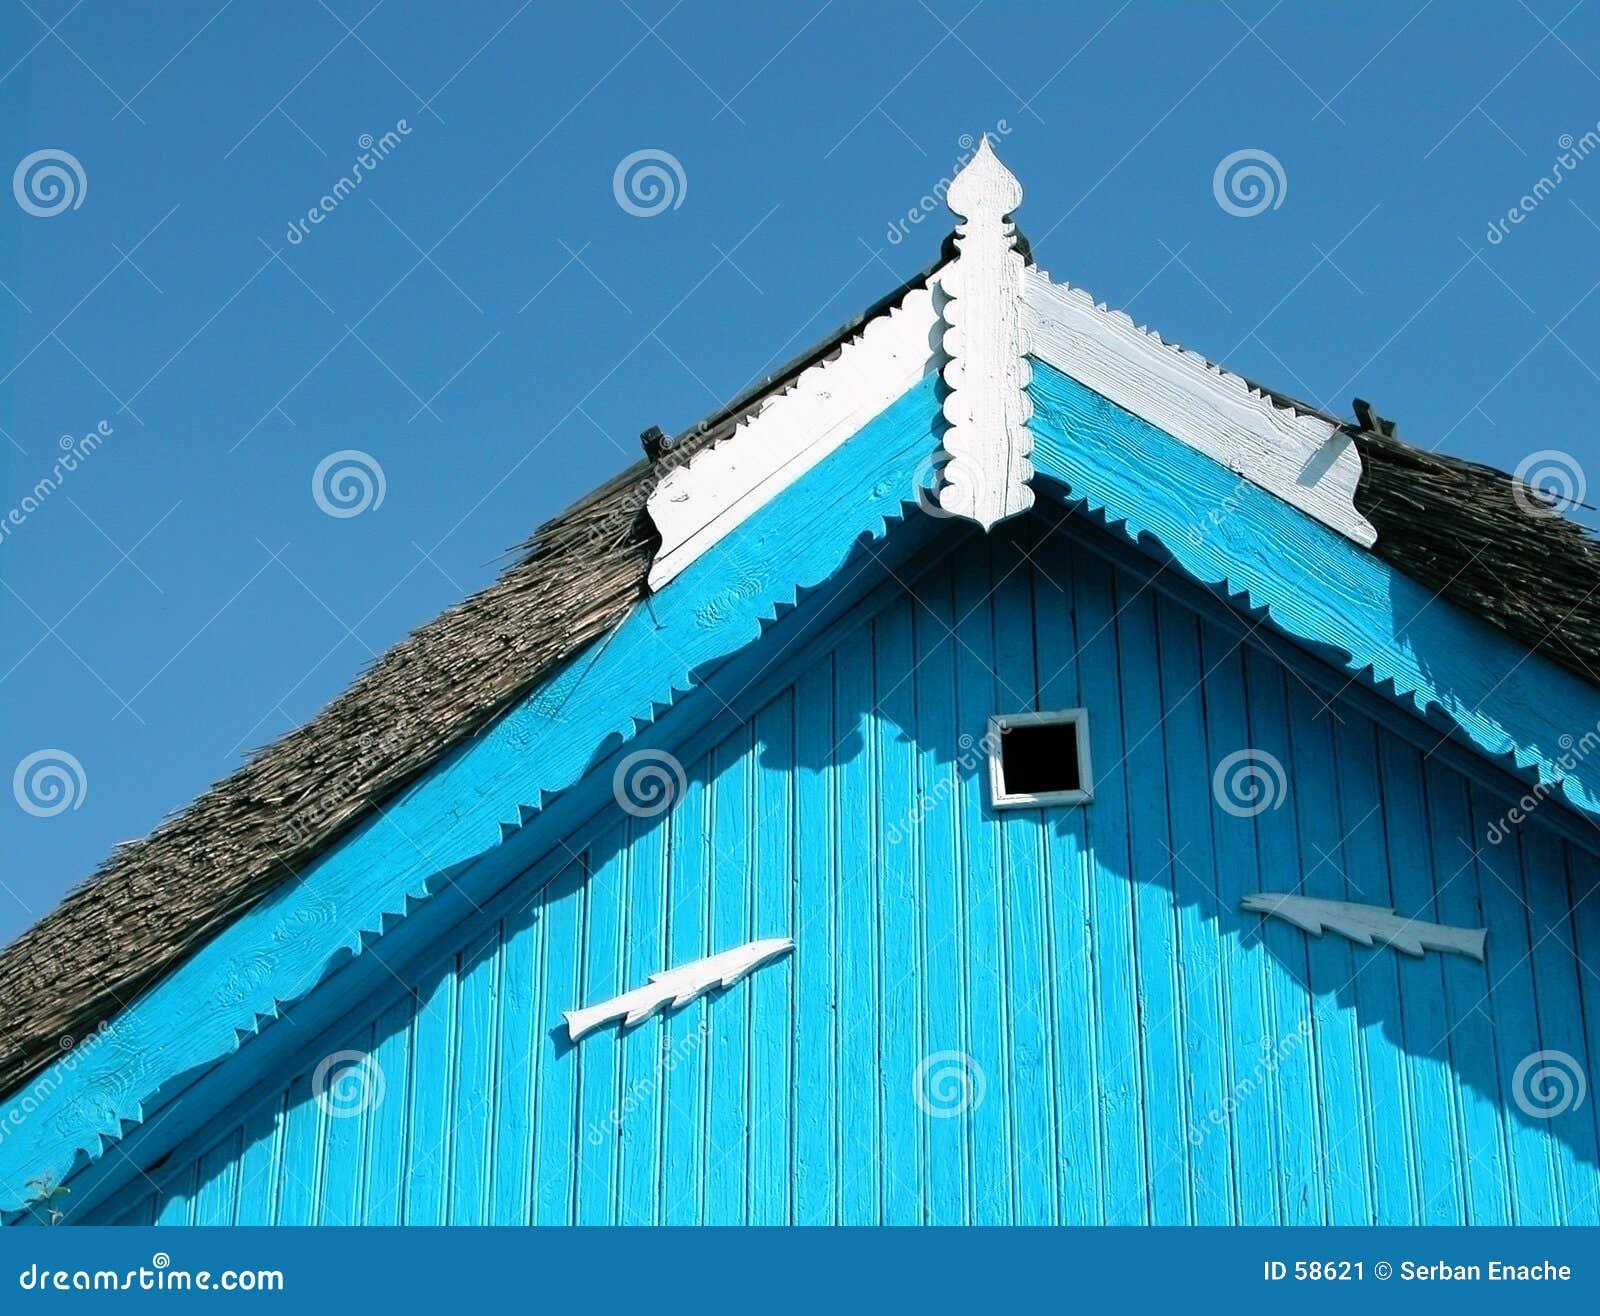 крыша детали